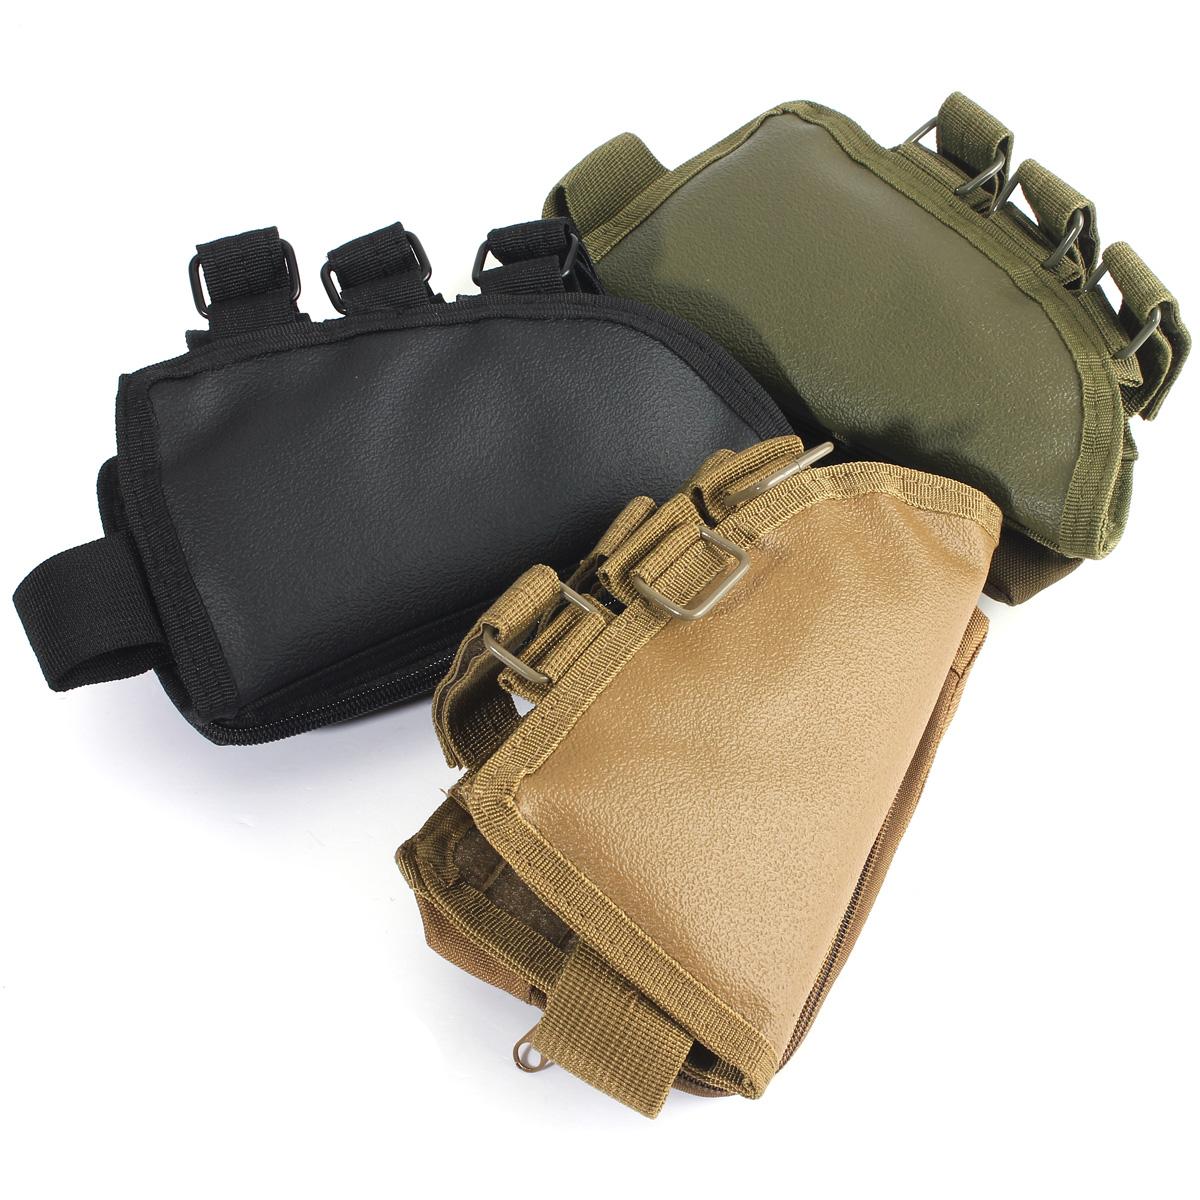 Hot Tactical Rifle Butt Stock Cheek Rest Shell Ammo Pouch